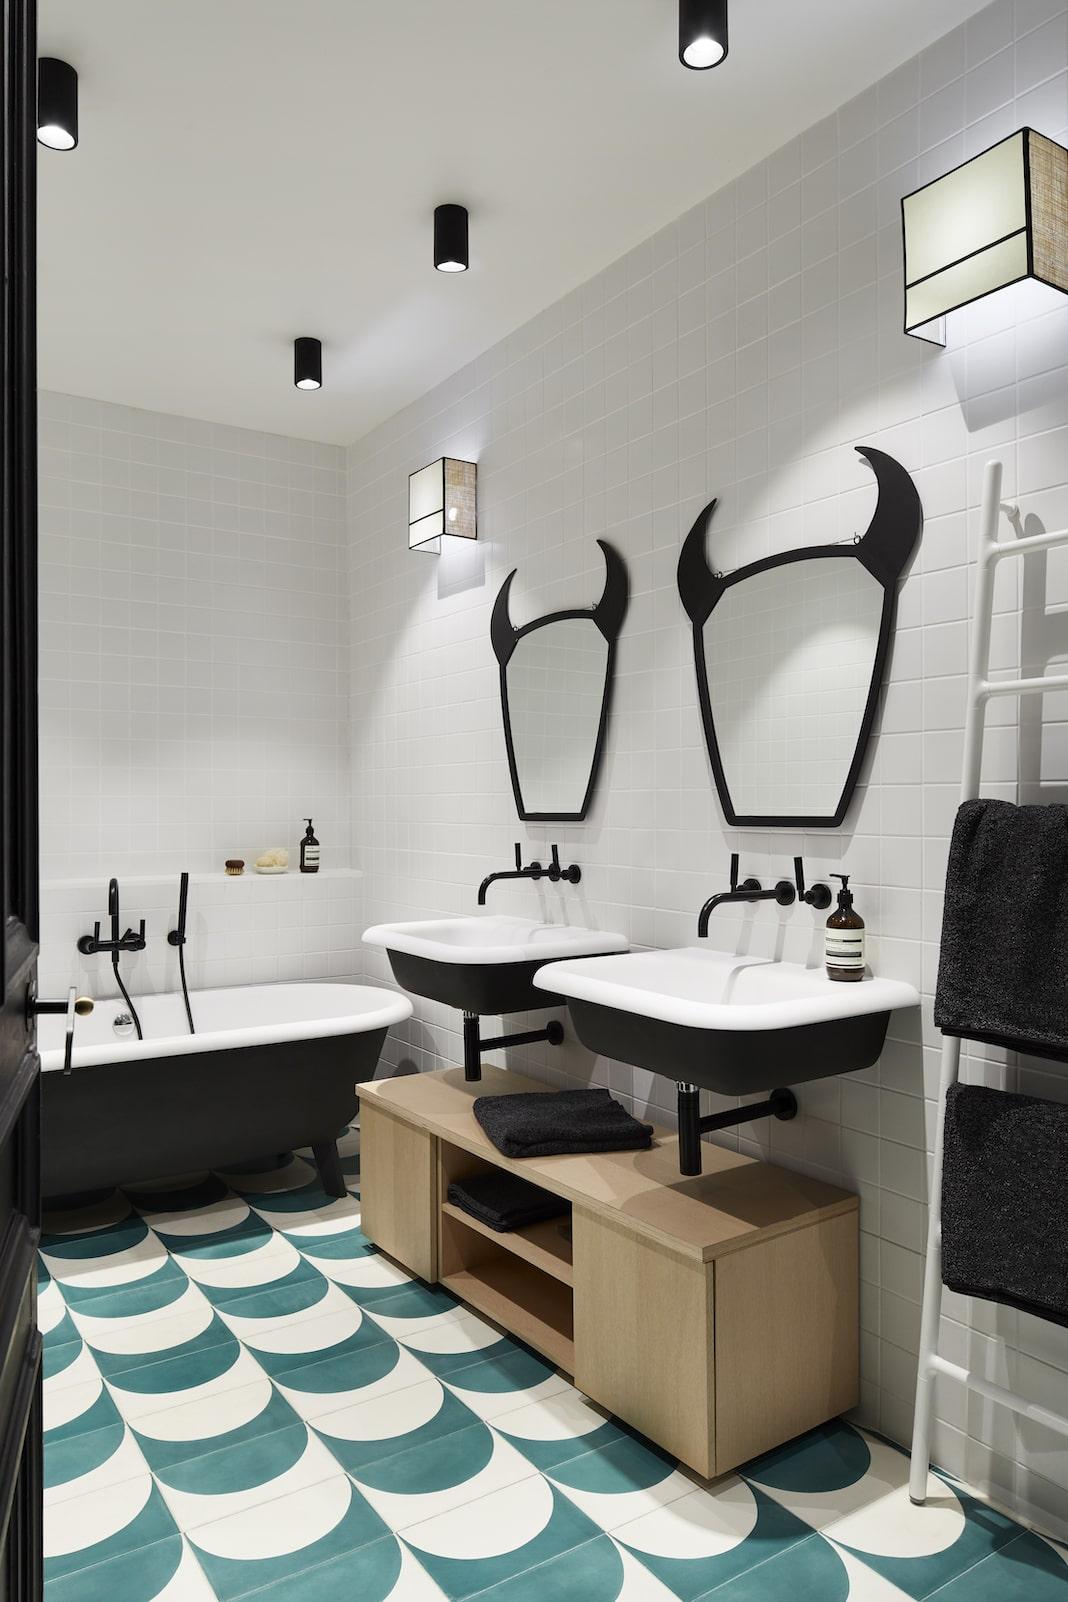 salle de bain design noire et blanche avec des miroirs cornus au dessus des lavabos